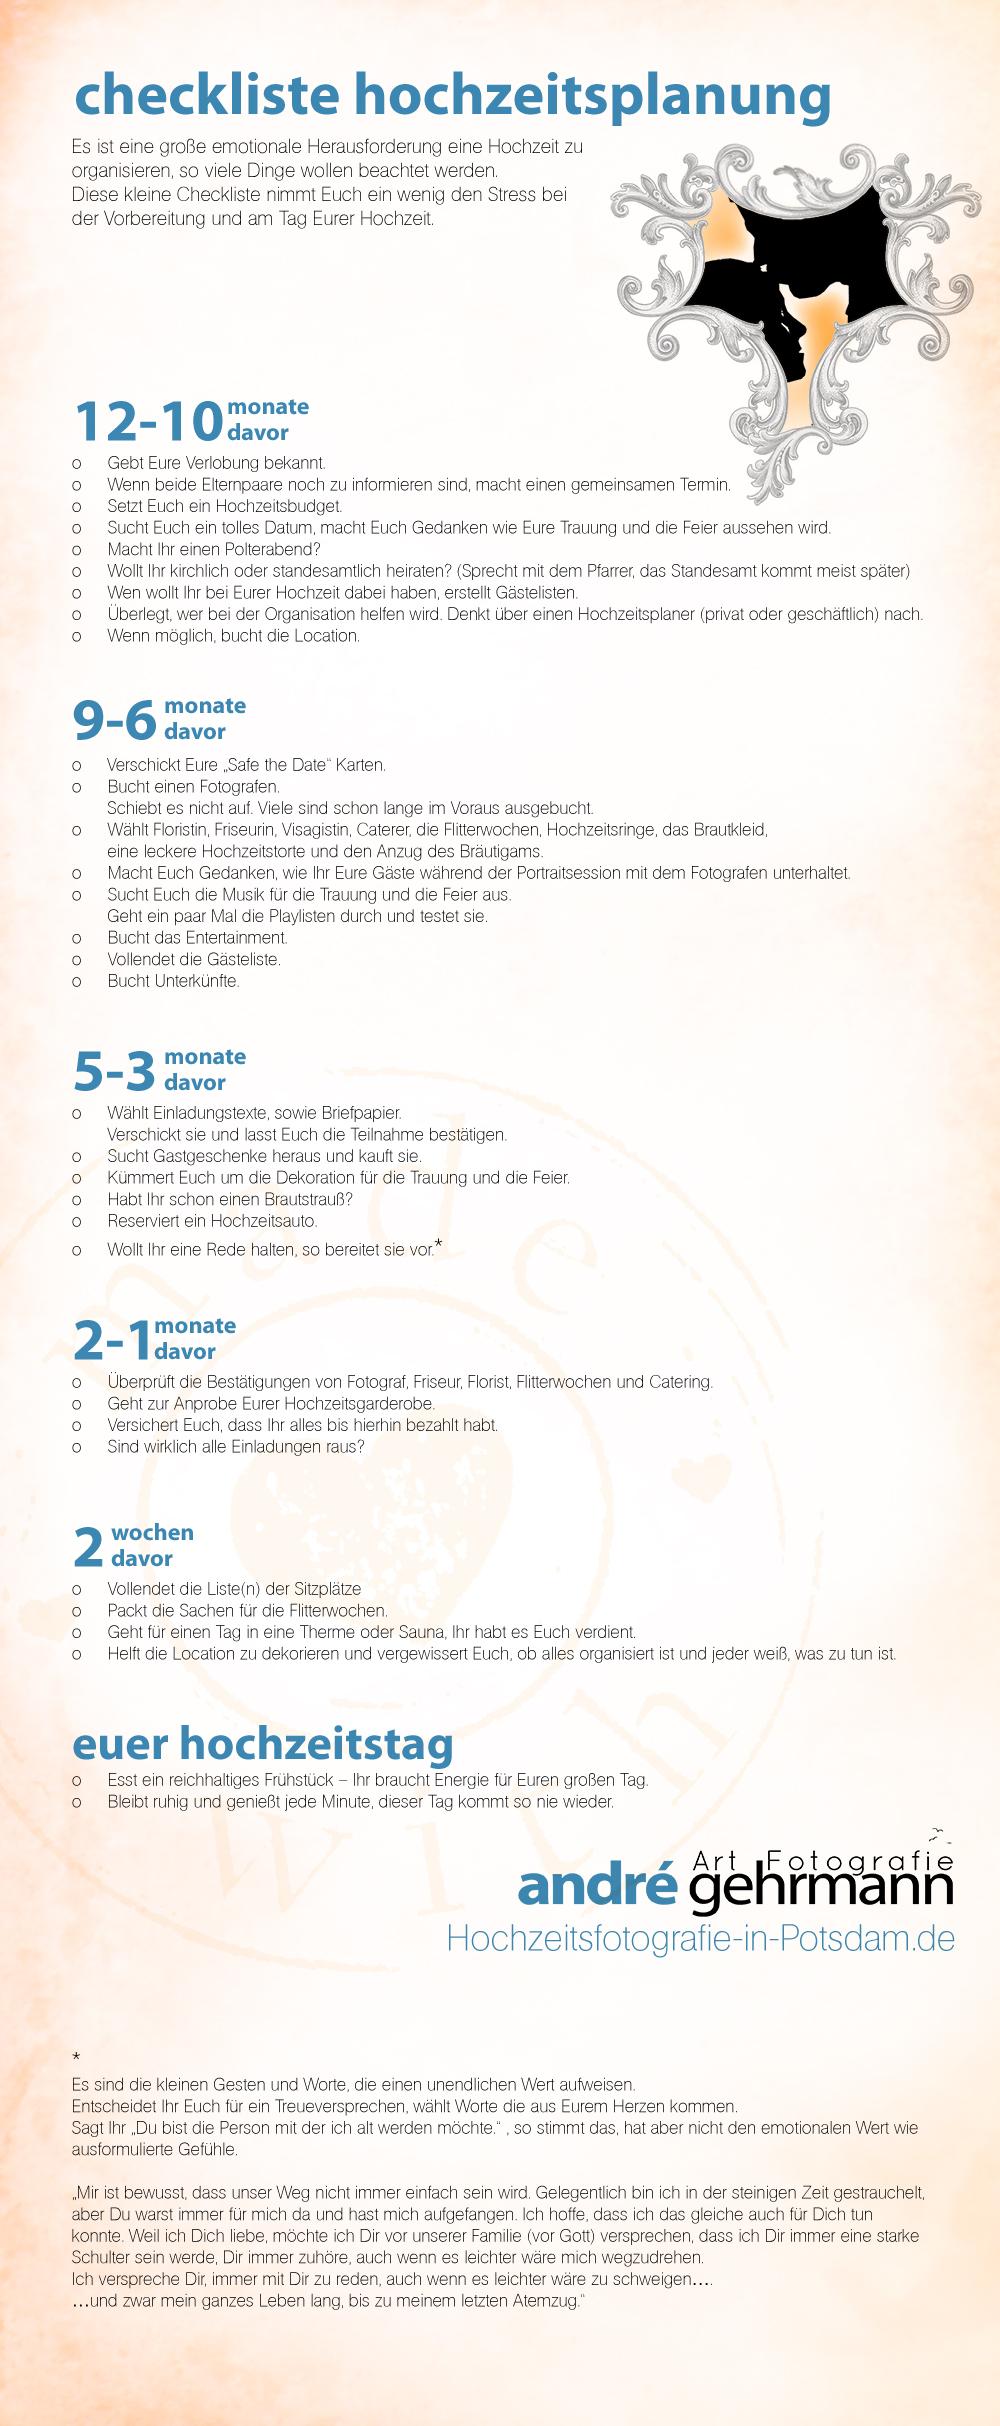 Checkliste Hochzeitsfotografie 12-Monate-davor